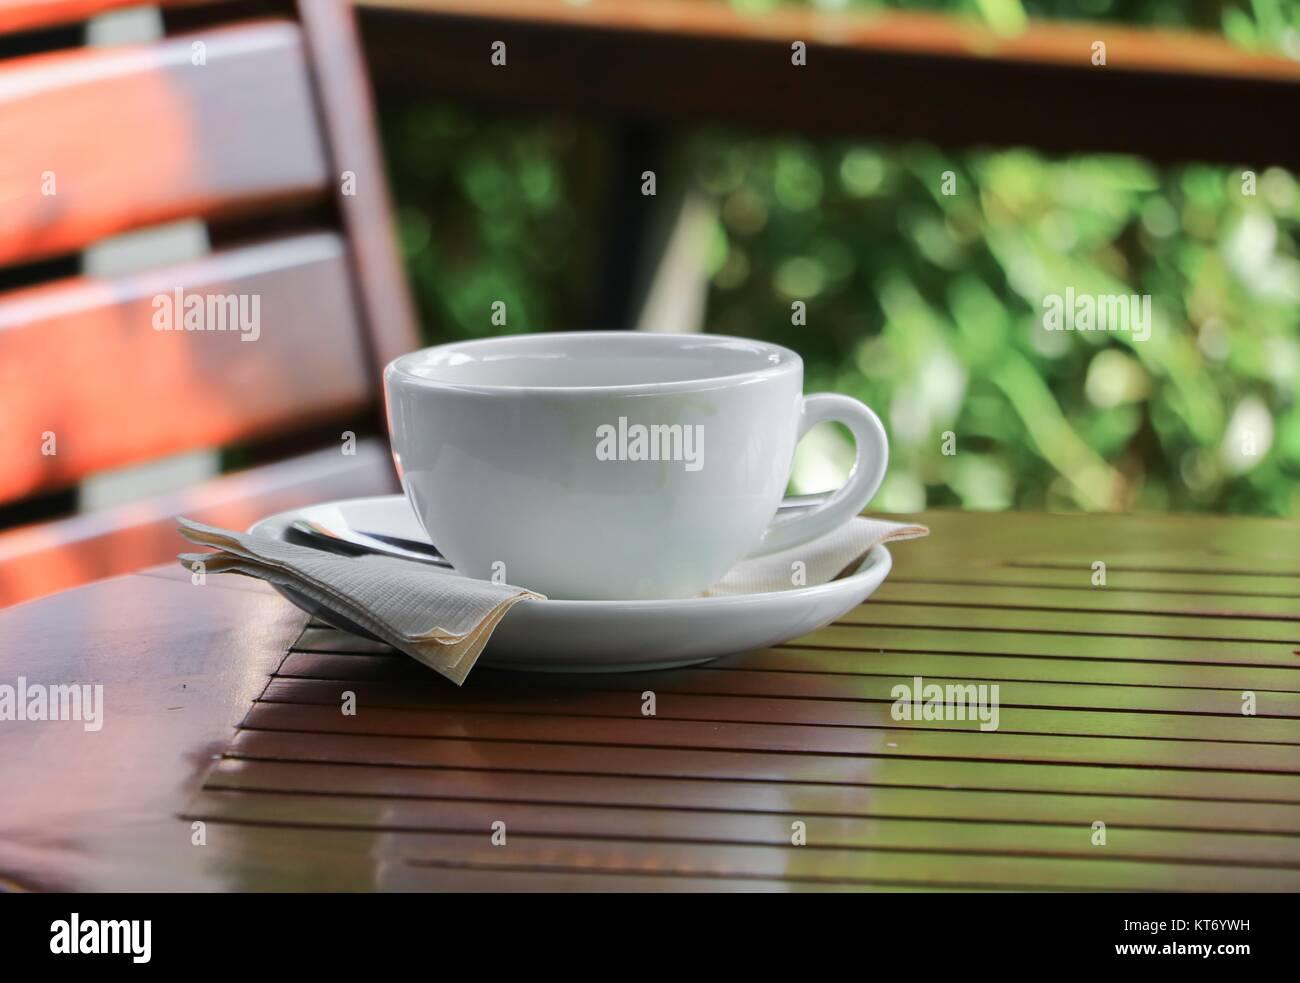 tasse de caf sur l 39 arri re plan de plancher de bois banque d 39 images photo stock 169798653 alamy. Black Bedroom Furniture Sets. Home Design Ideas